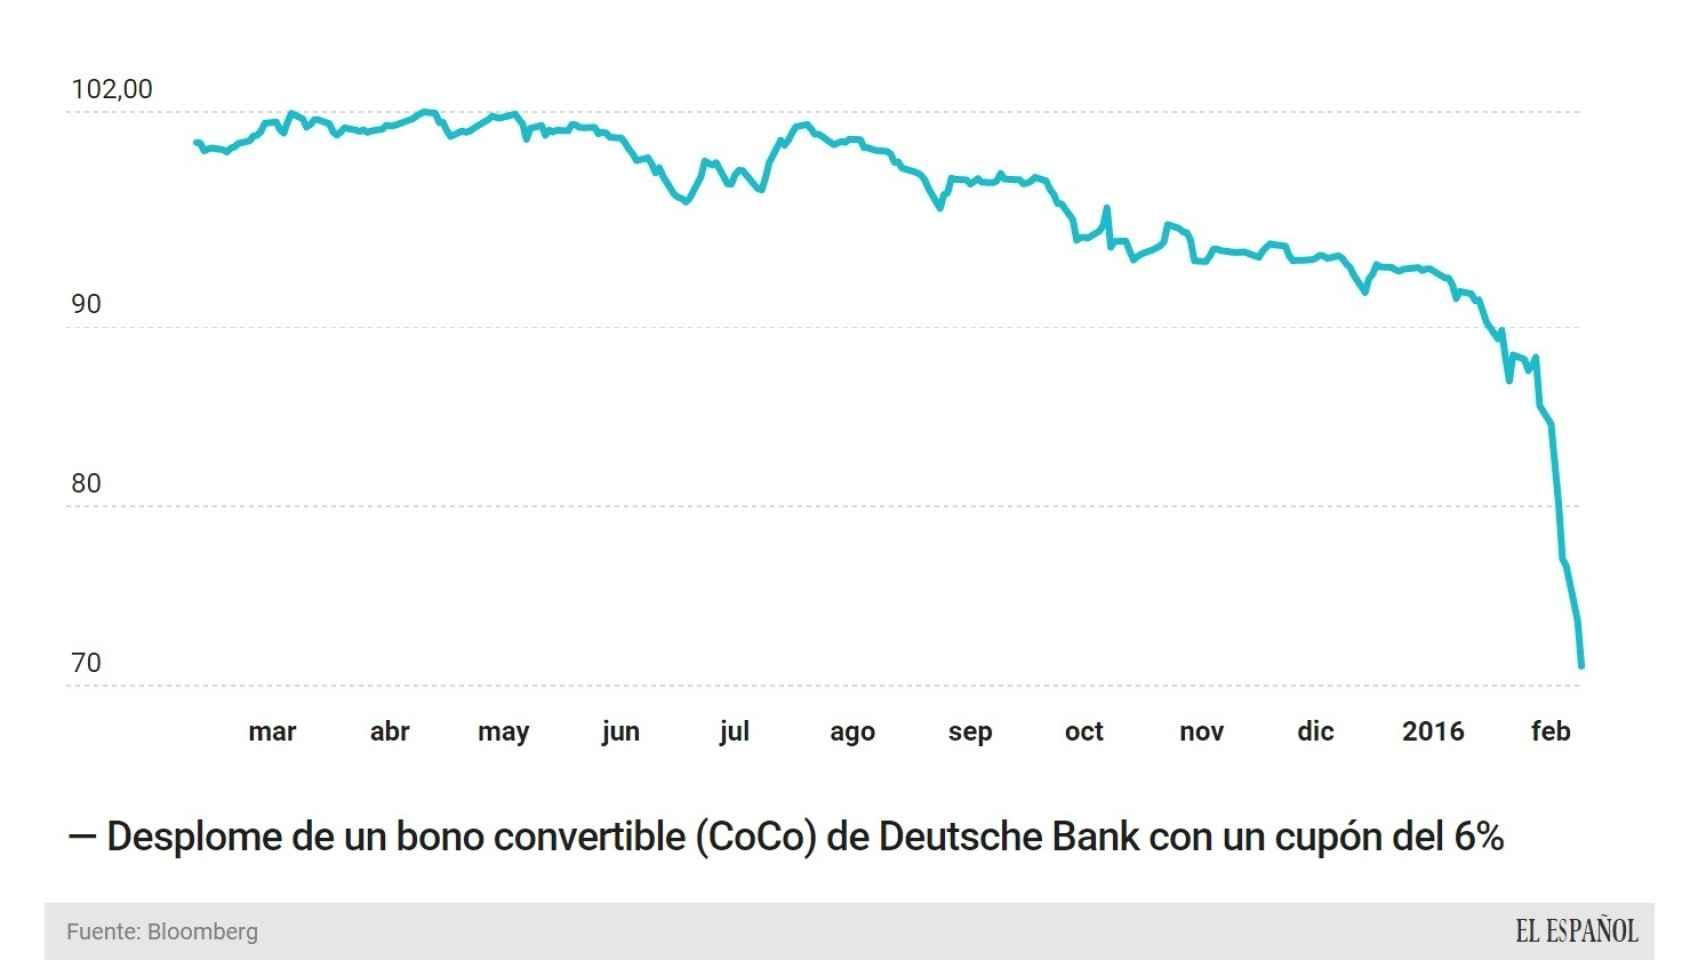 Evolución de los bonos convertibles de DB.